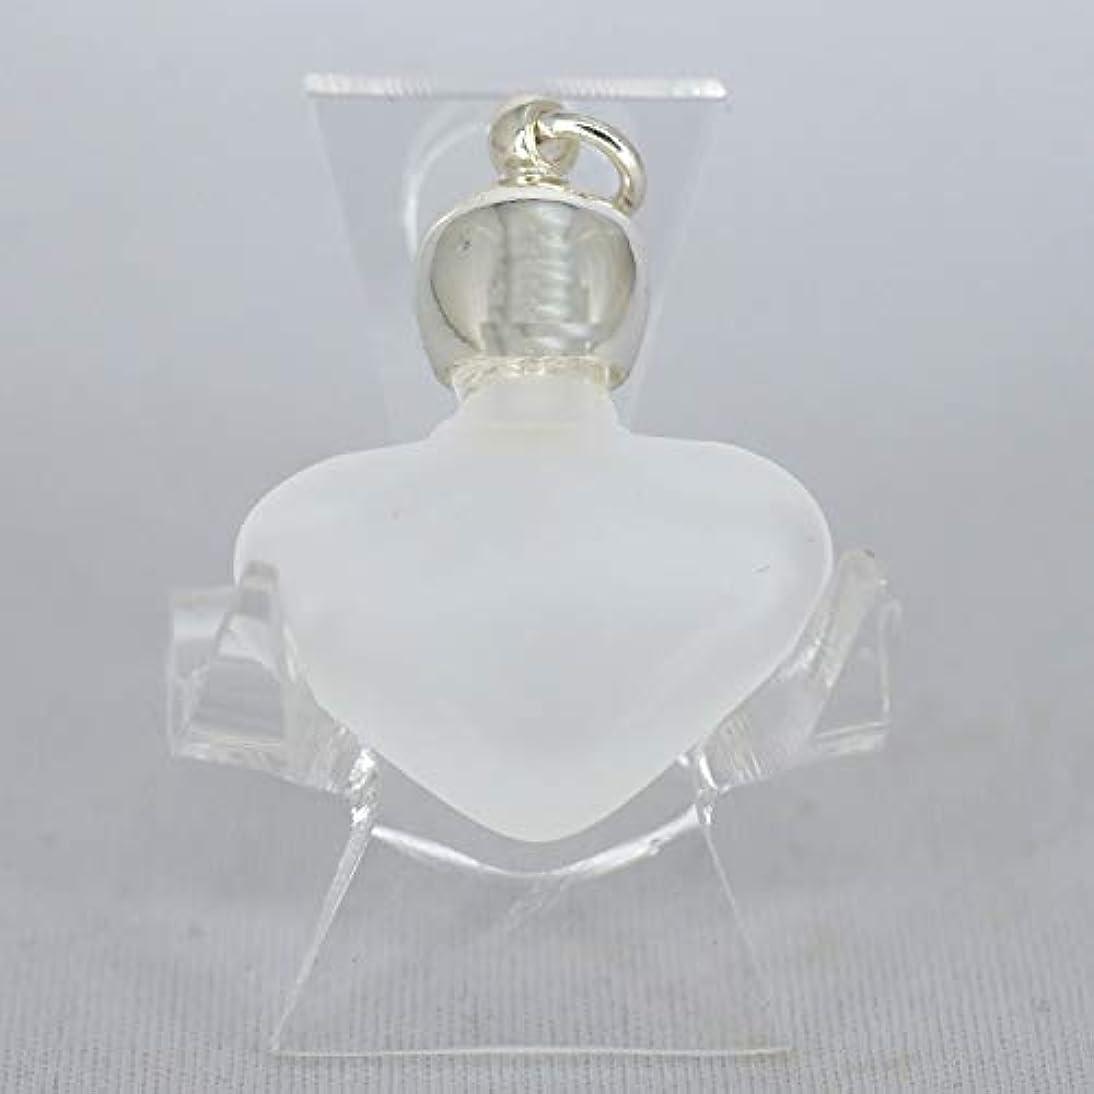 エーカーピッチ葉ミニ香水瓶 アロマペンダントトップ ハートフロスト(すりガラス)0.8ml?シルバー?穴あきキャップ、パッキン付属【アロマオイル?メモリーオイル入れにオススメ】